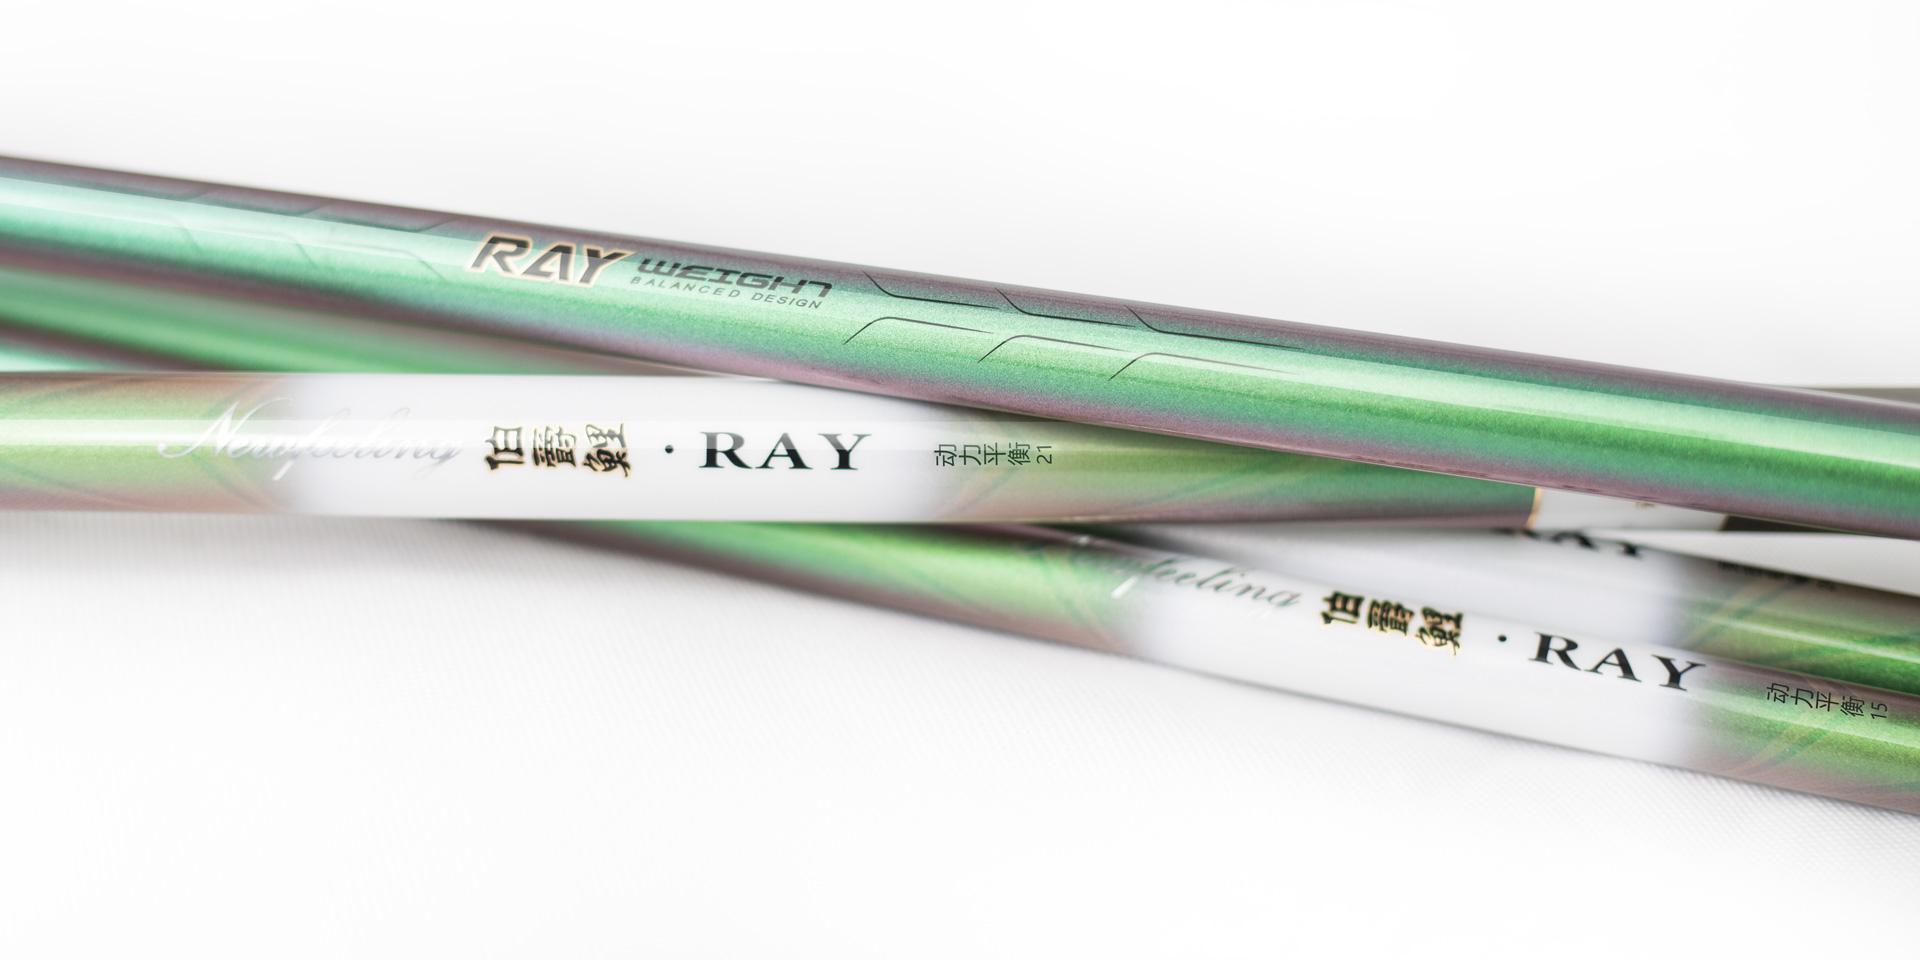 涂装以Macarons百变色系森林绿色闪金为主色调点缀牙白色闪银,高调华丽,其张扬之美无以复加